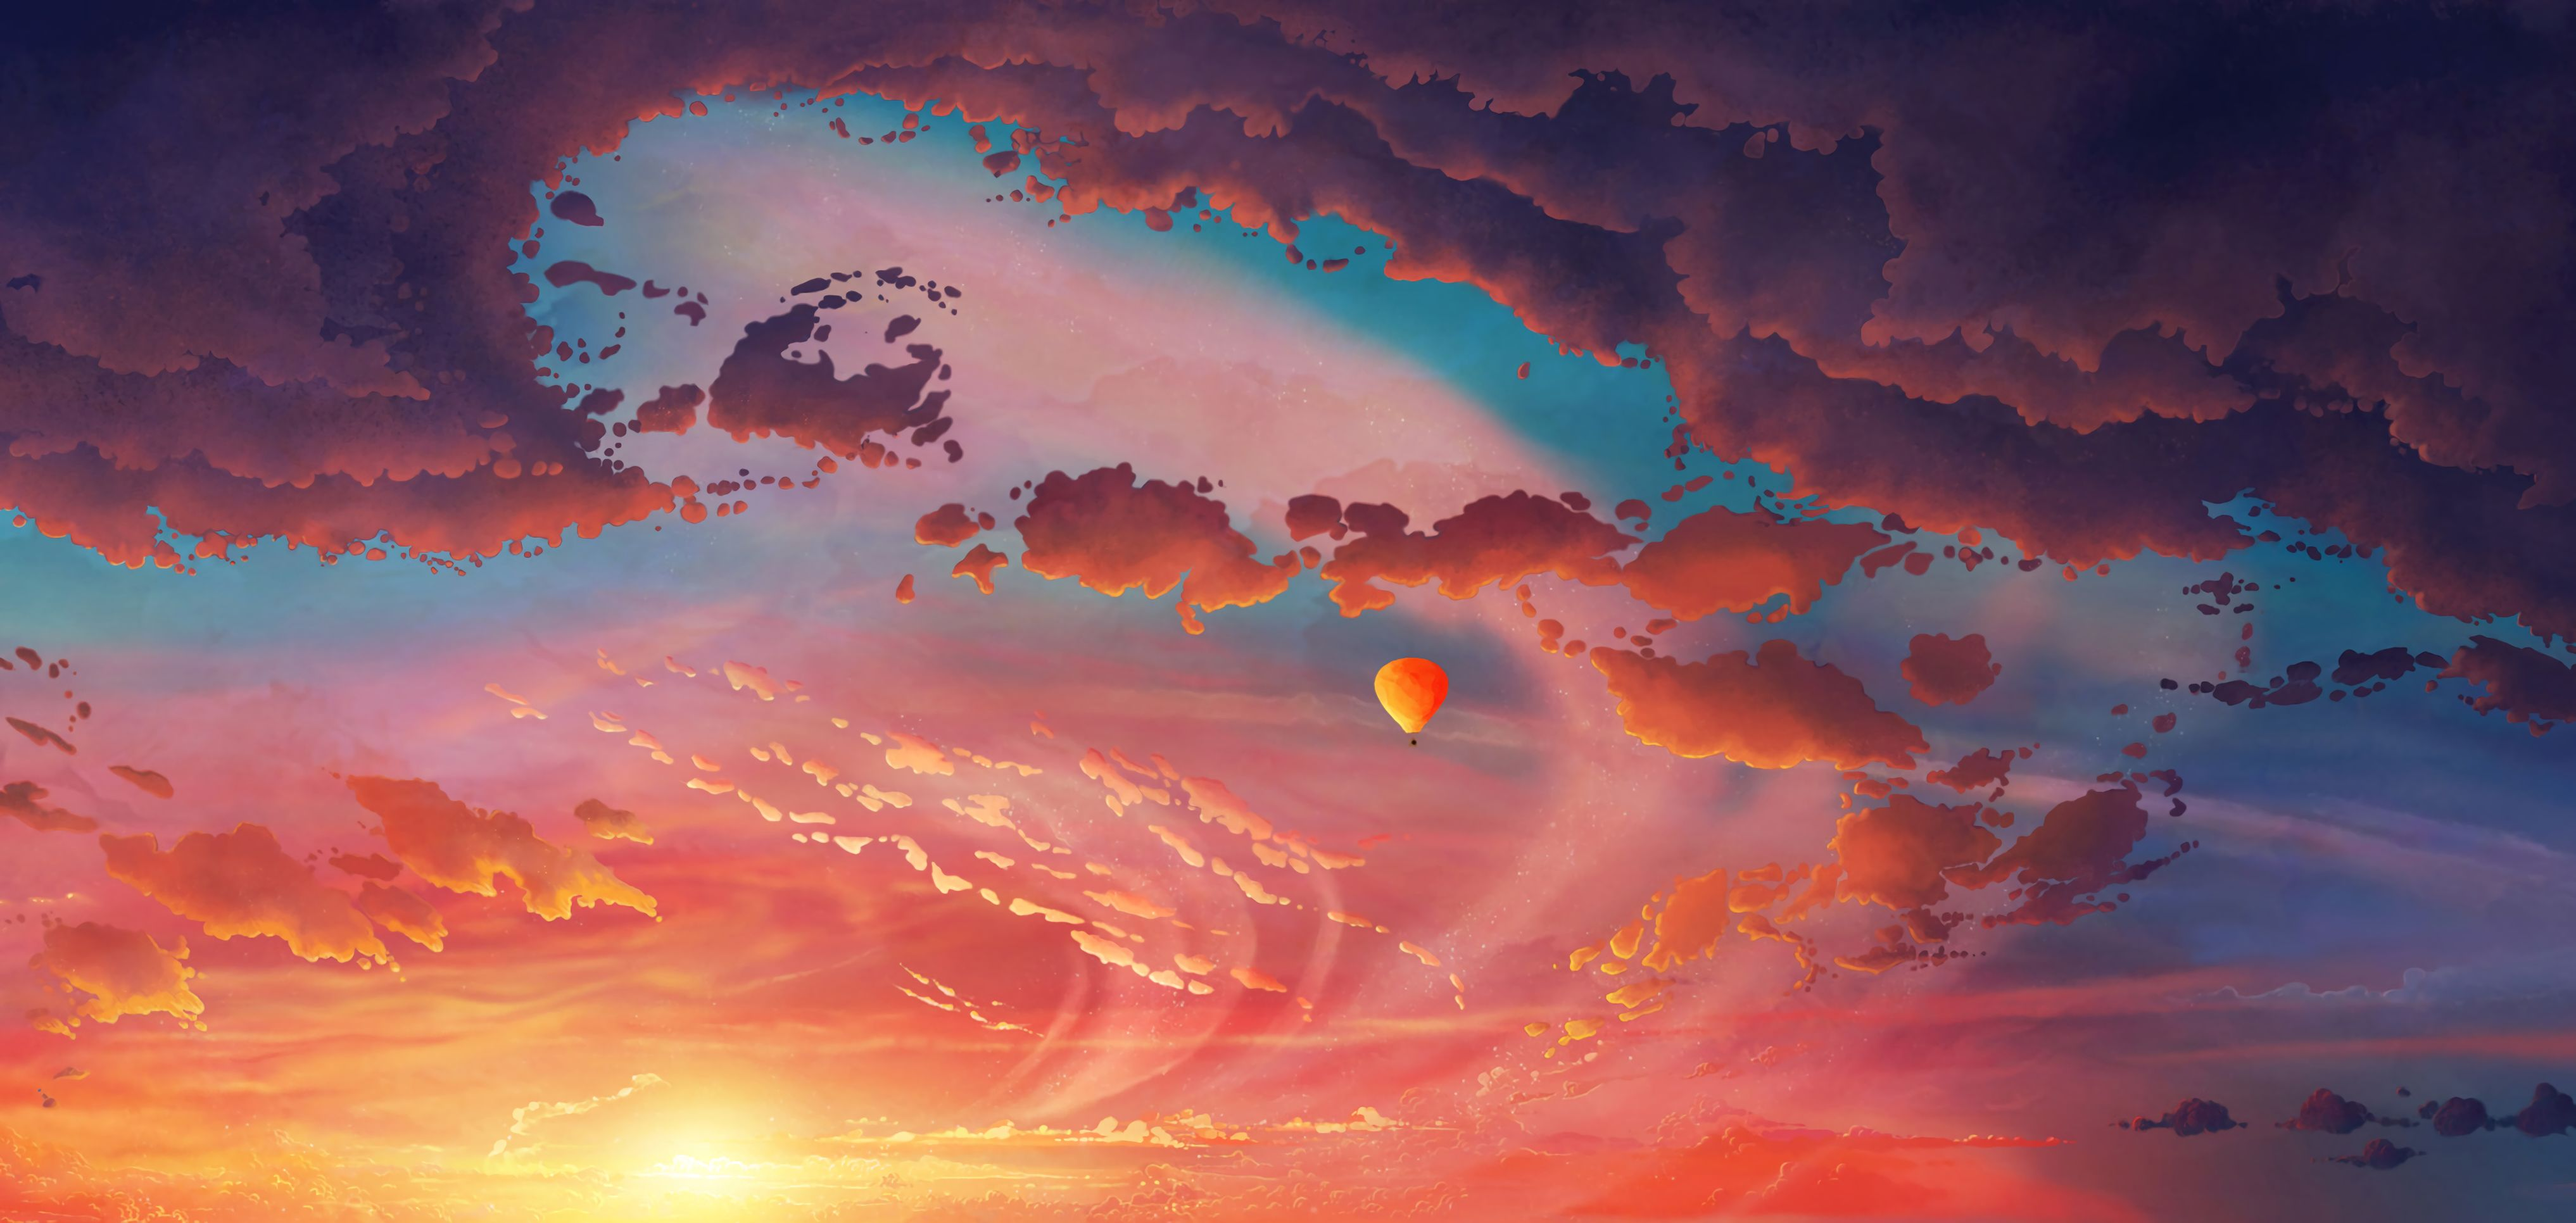 108377壁紙のダウンロードバルーン, 気球, アート, 雲, スカイ, フライト, 逃走-スクリーンセーバーと写真を無料で